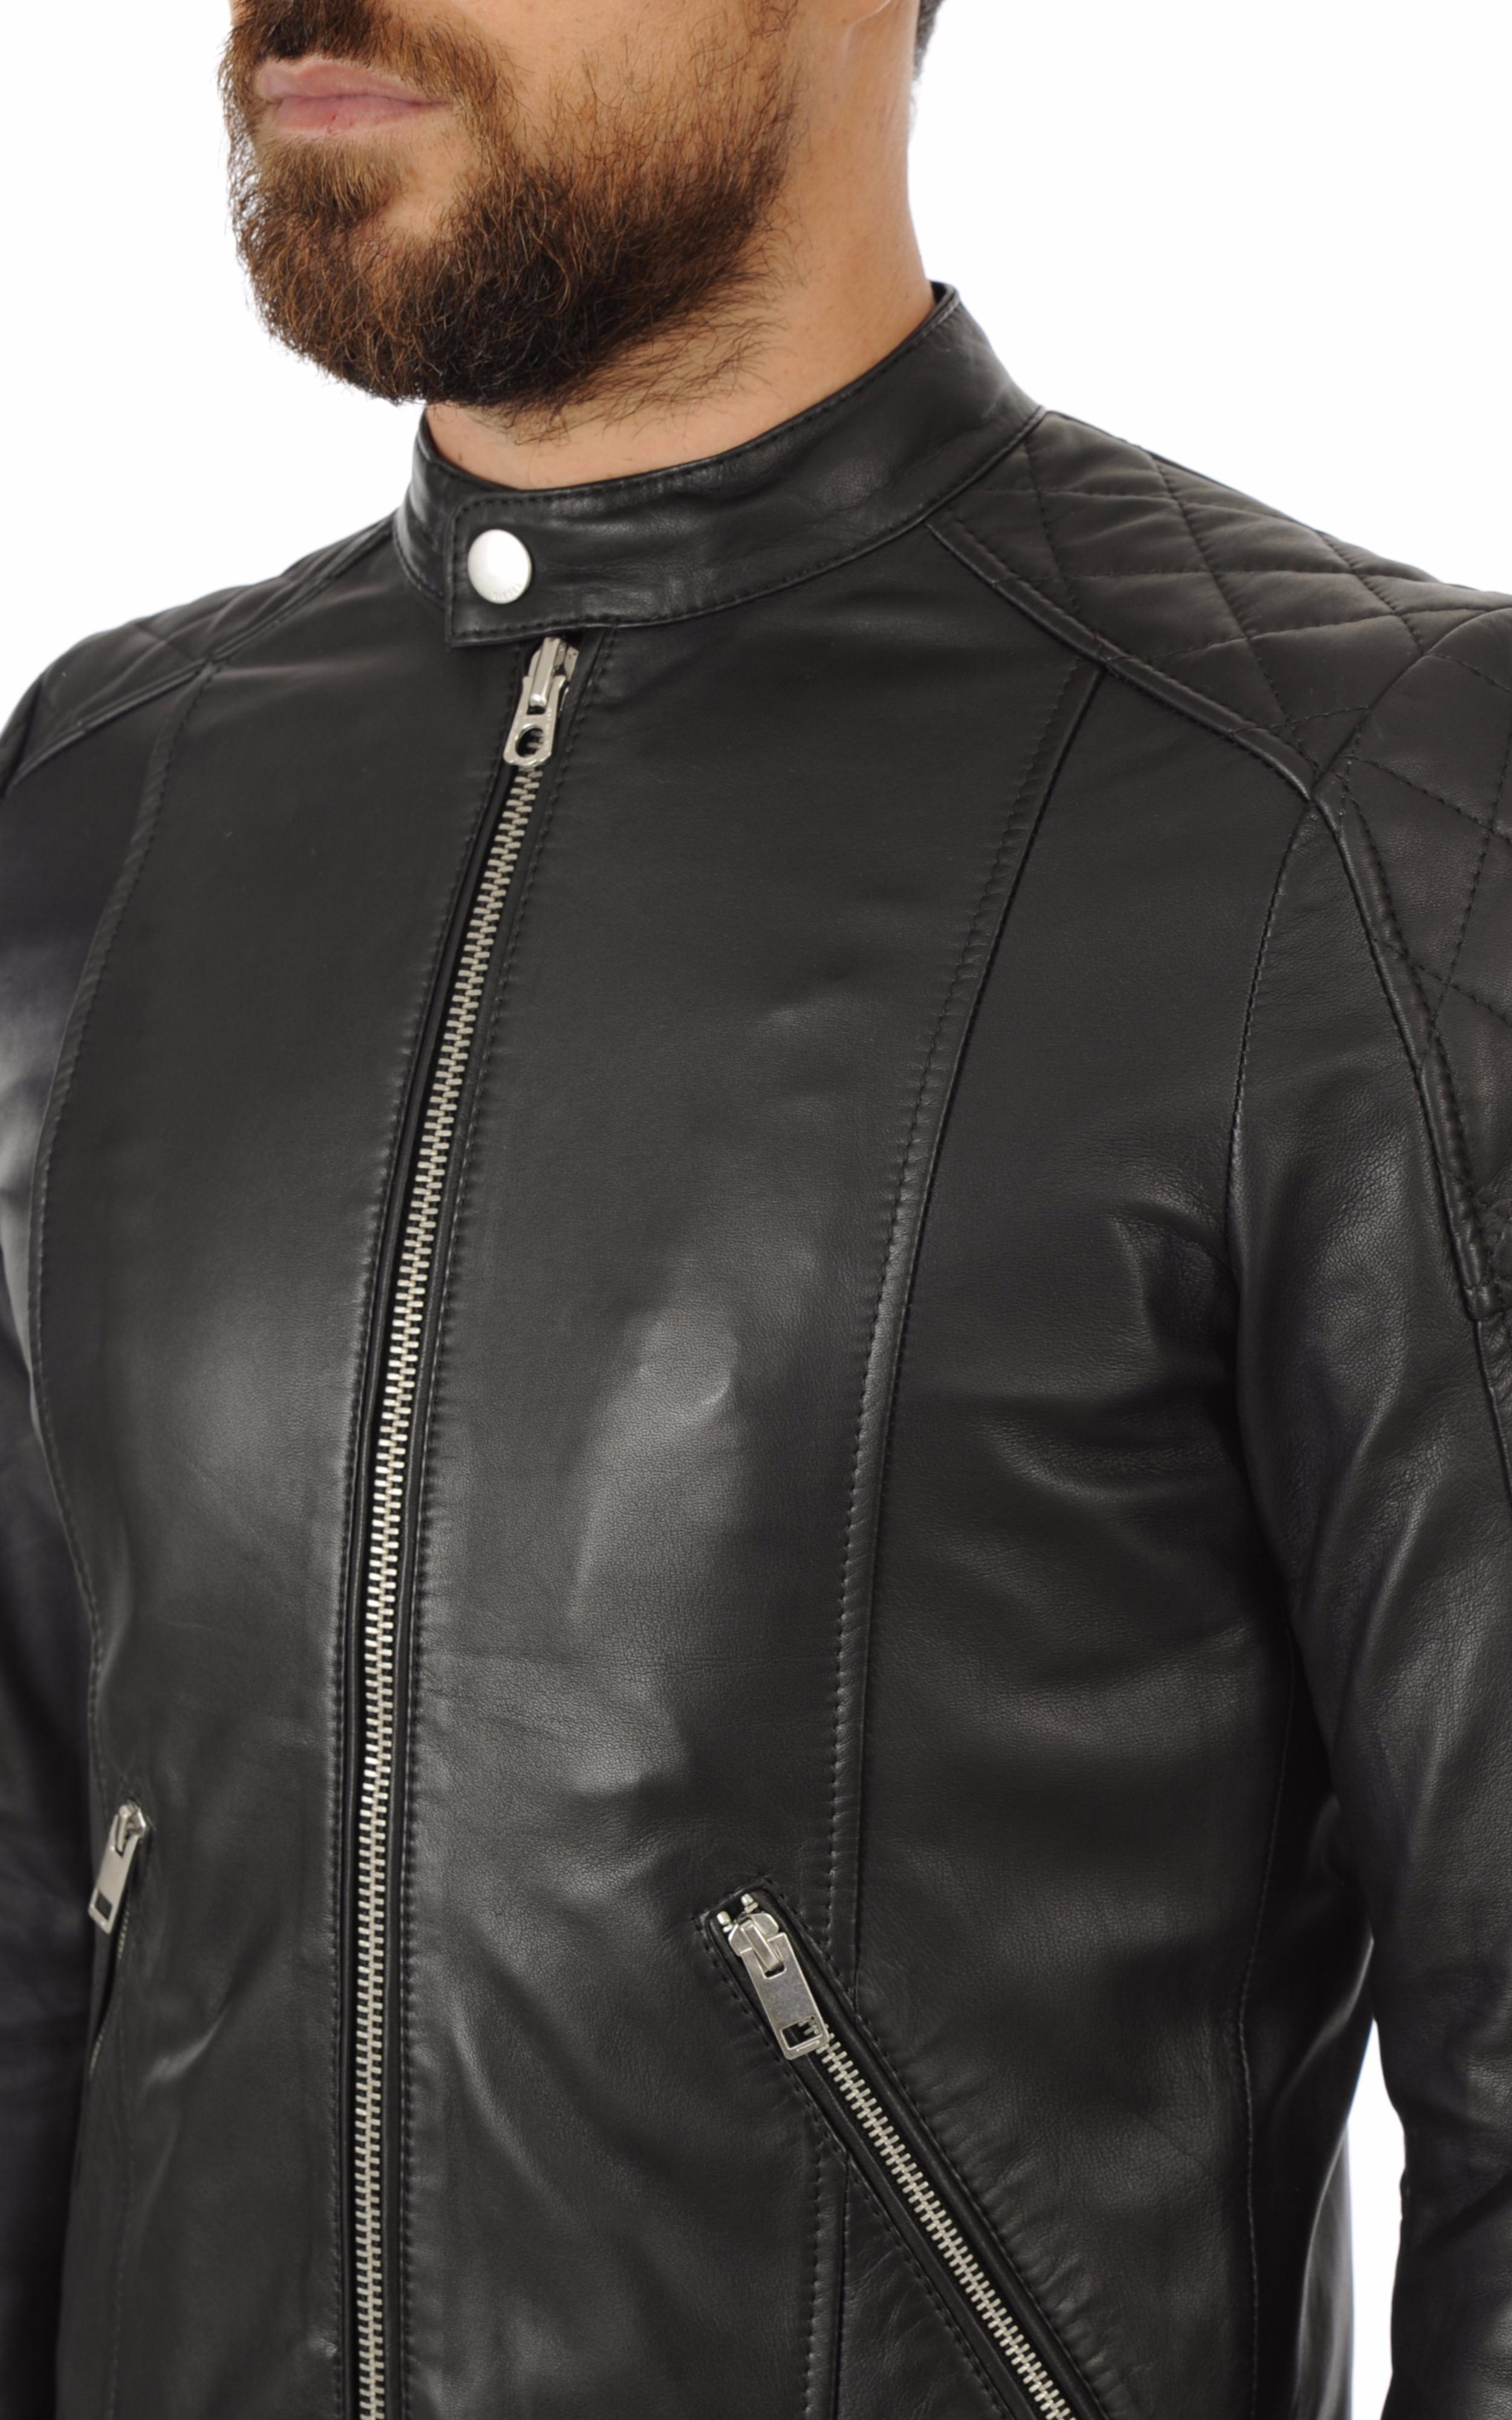 f1966c0e7bb35 Blouson Cuir Homme Sport-Chic Diesel - La Canadienne - Blouson Cuir Noir